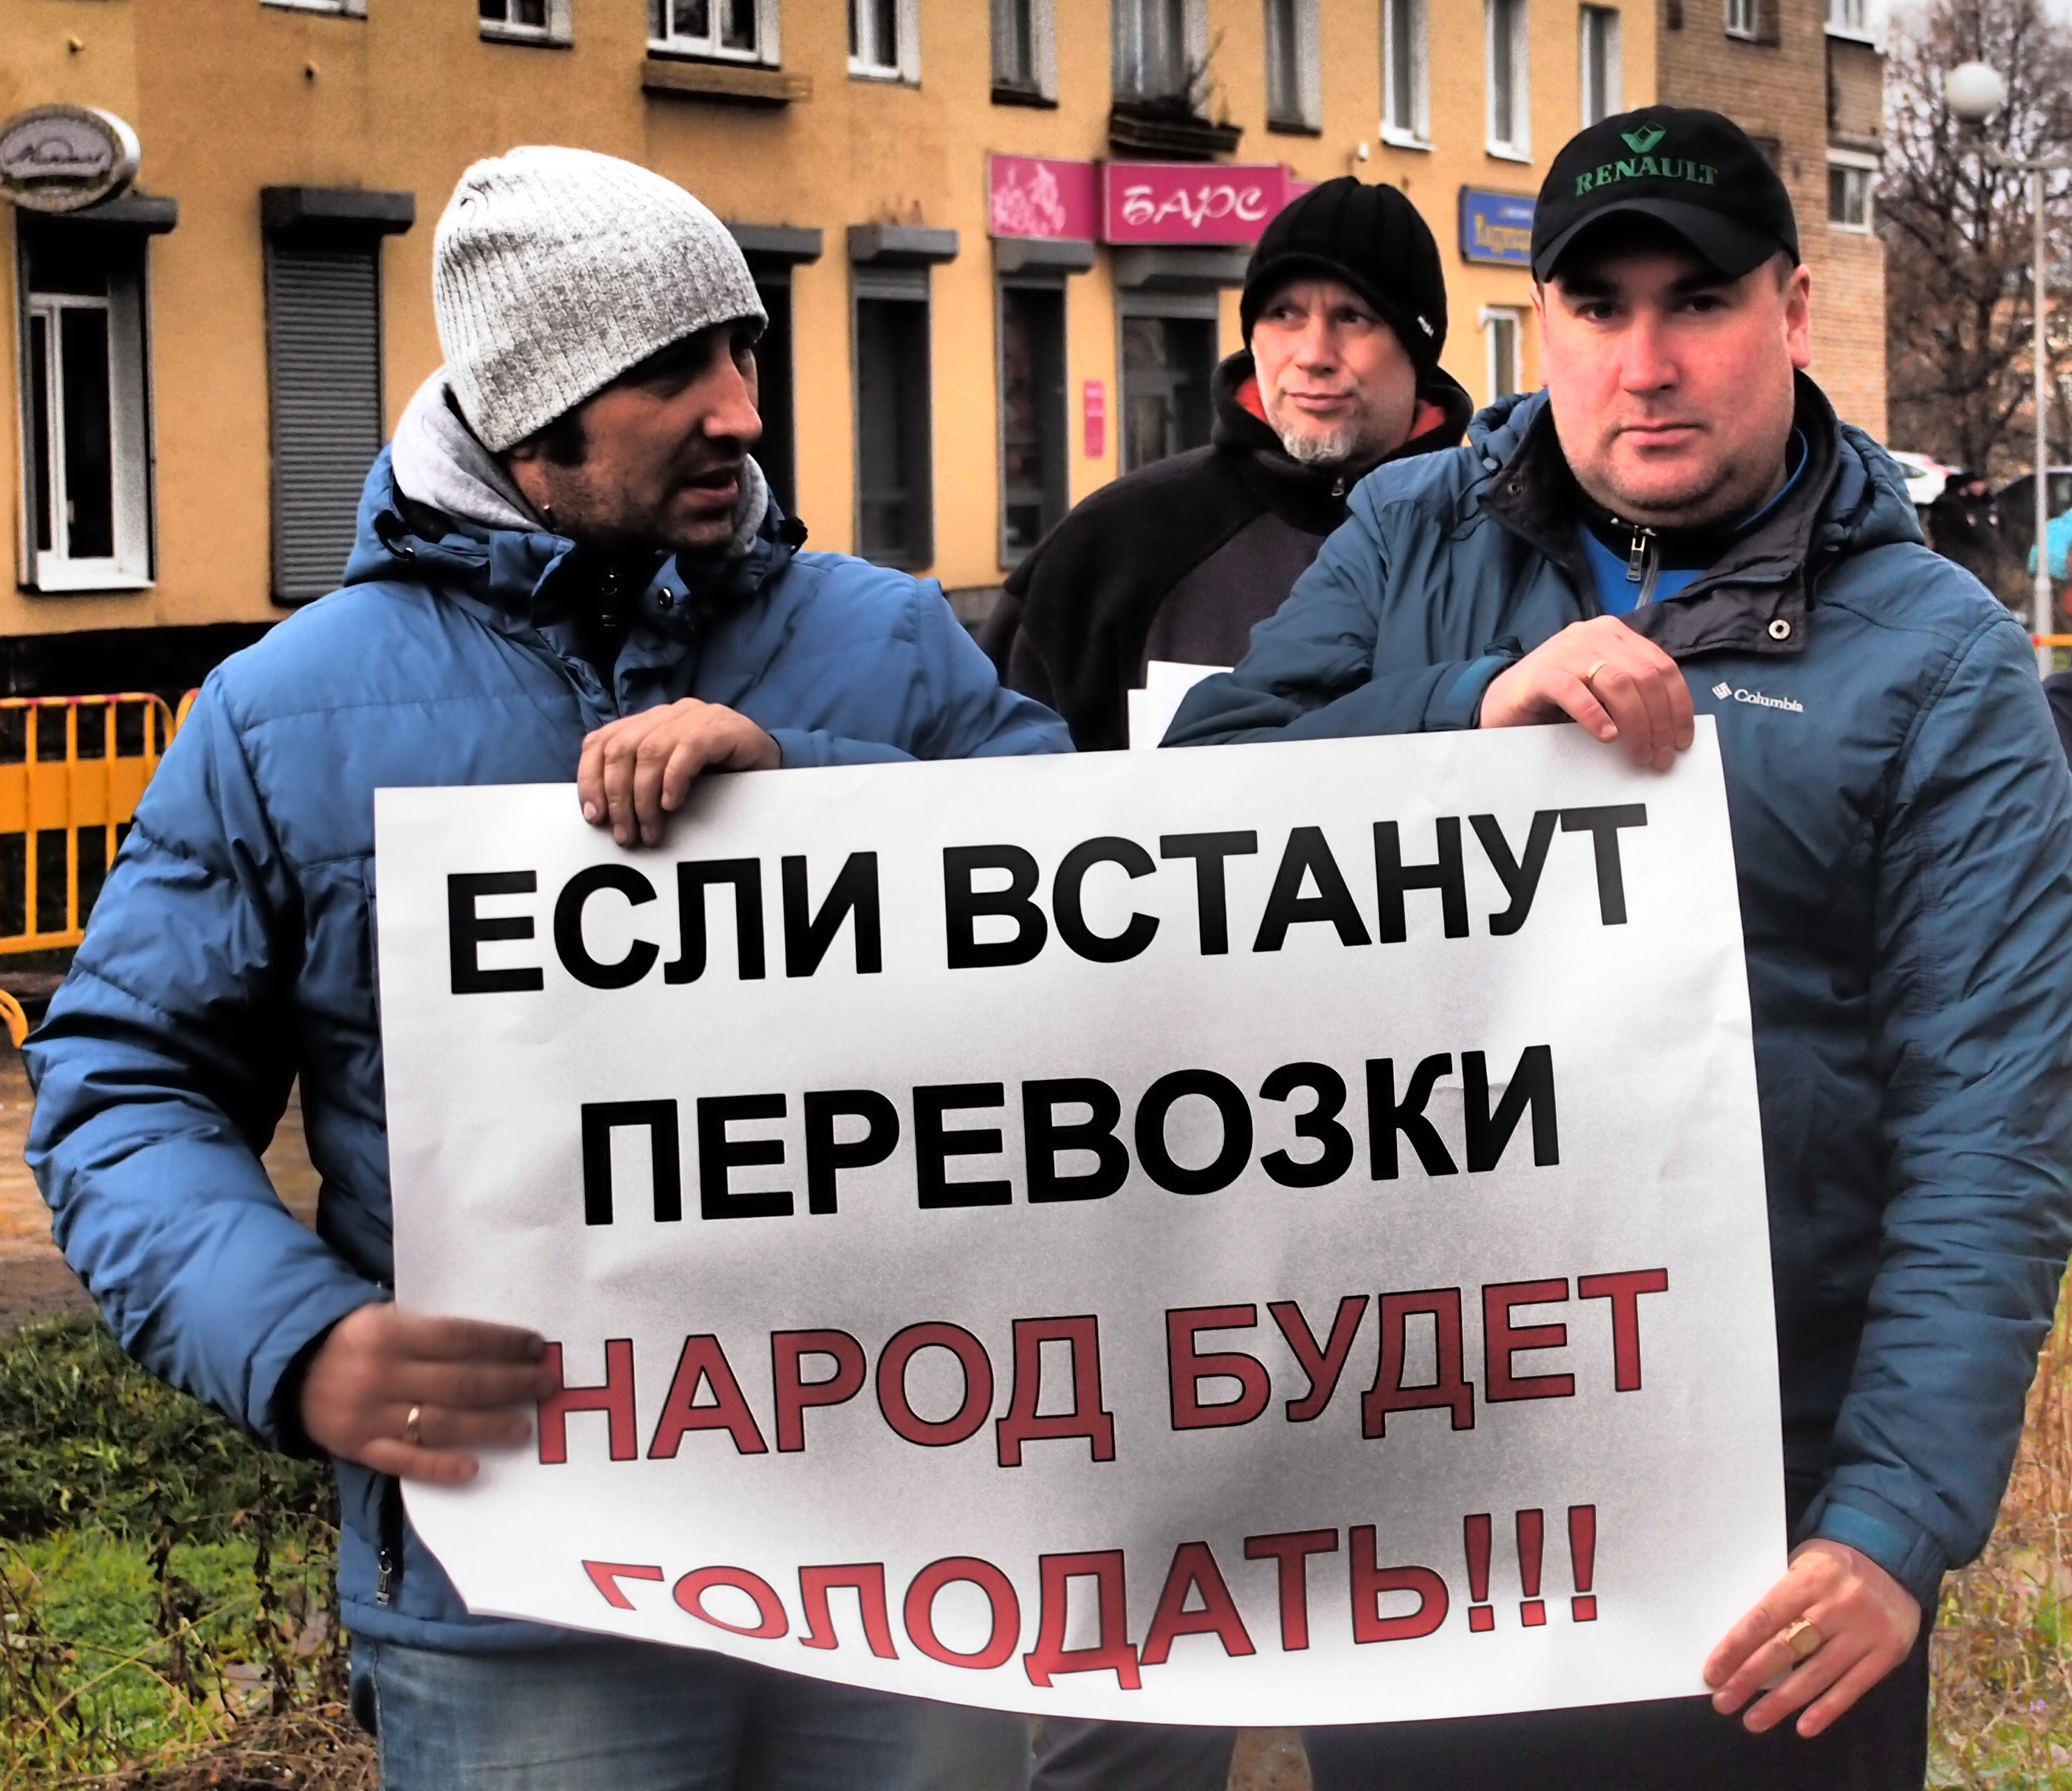 Участники пикета. Фото: Валерий Поташов